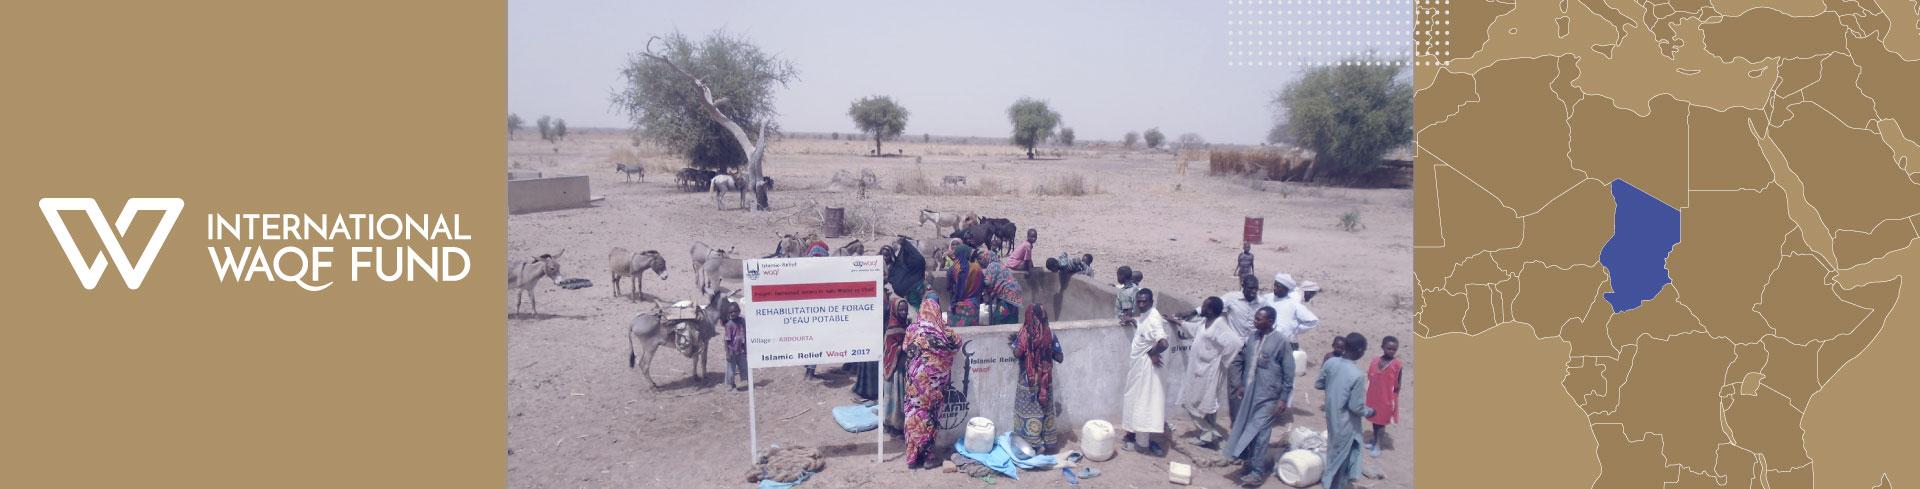 Improving life in poor communities